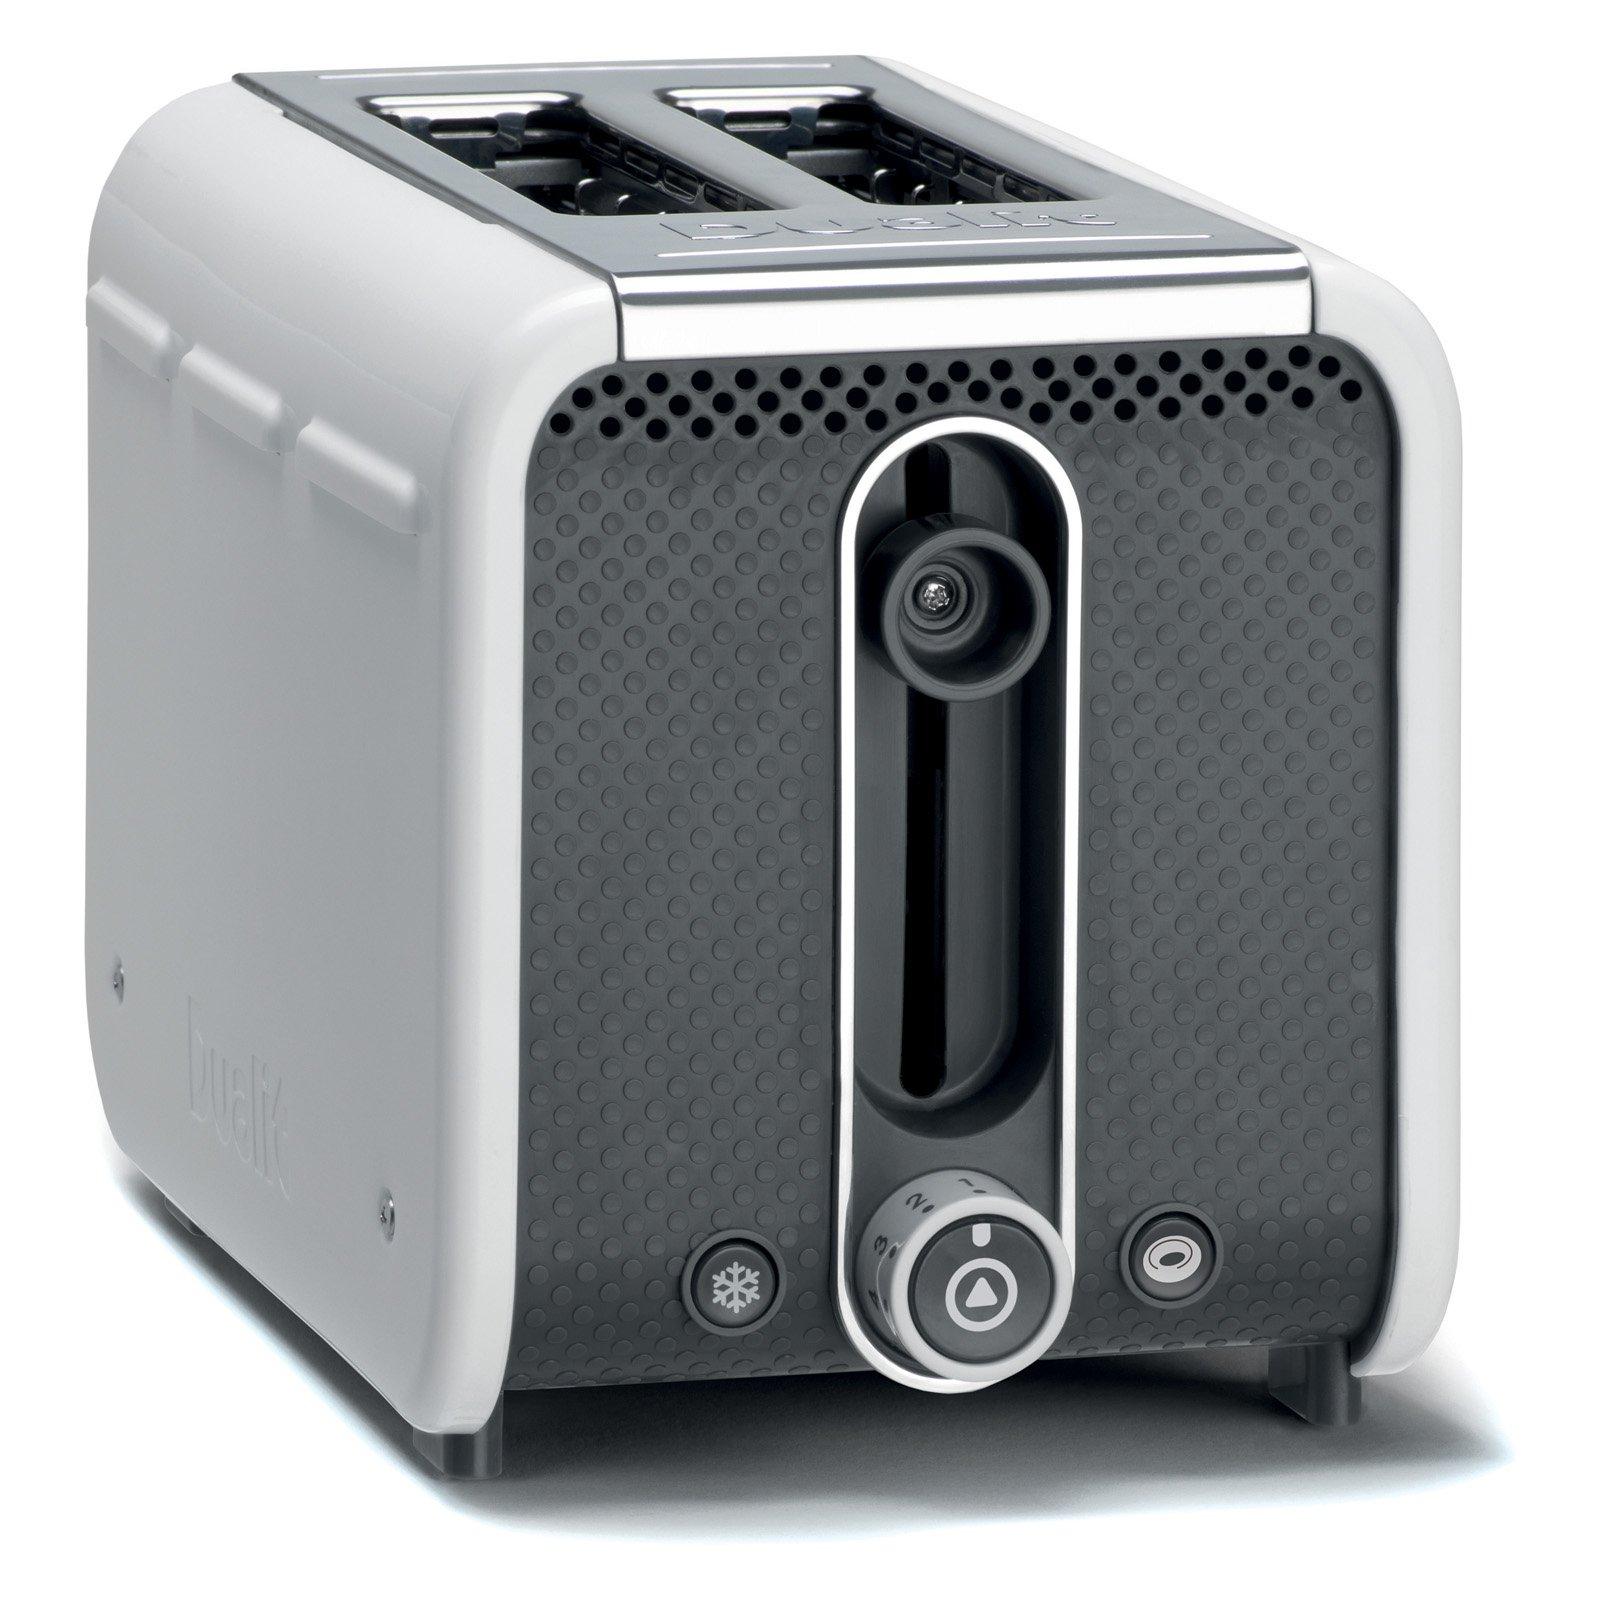 Dualit 26432 2 Slice Toaster - White/gray